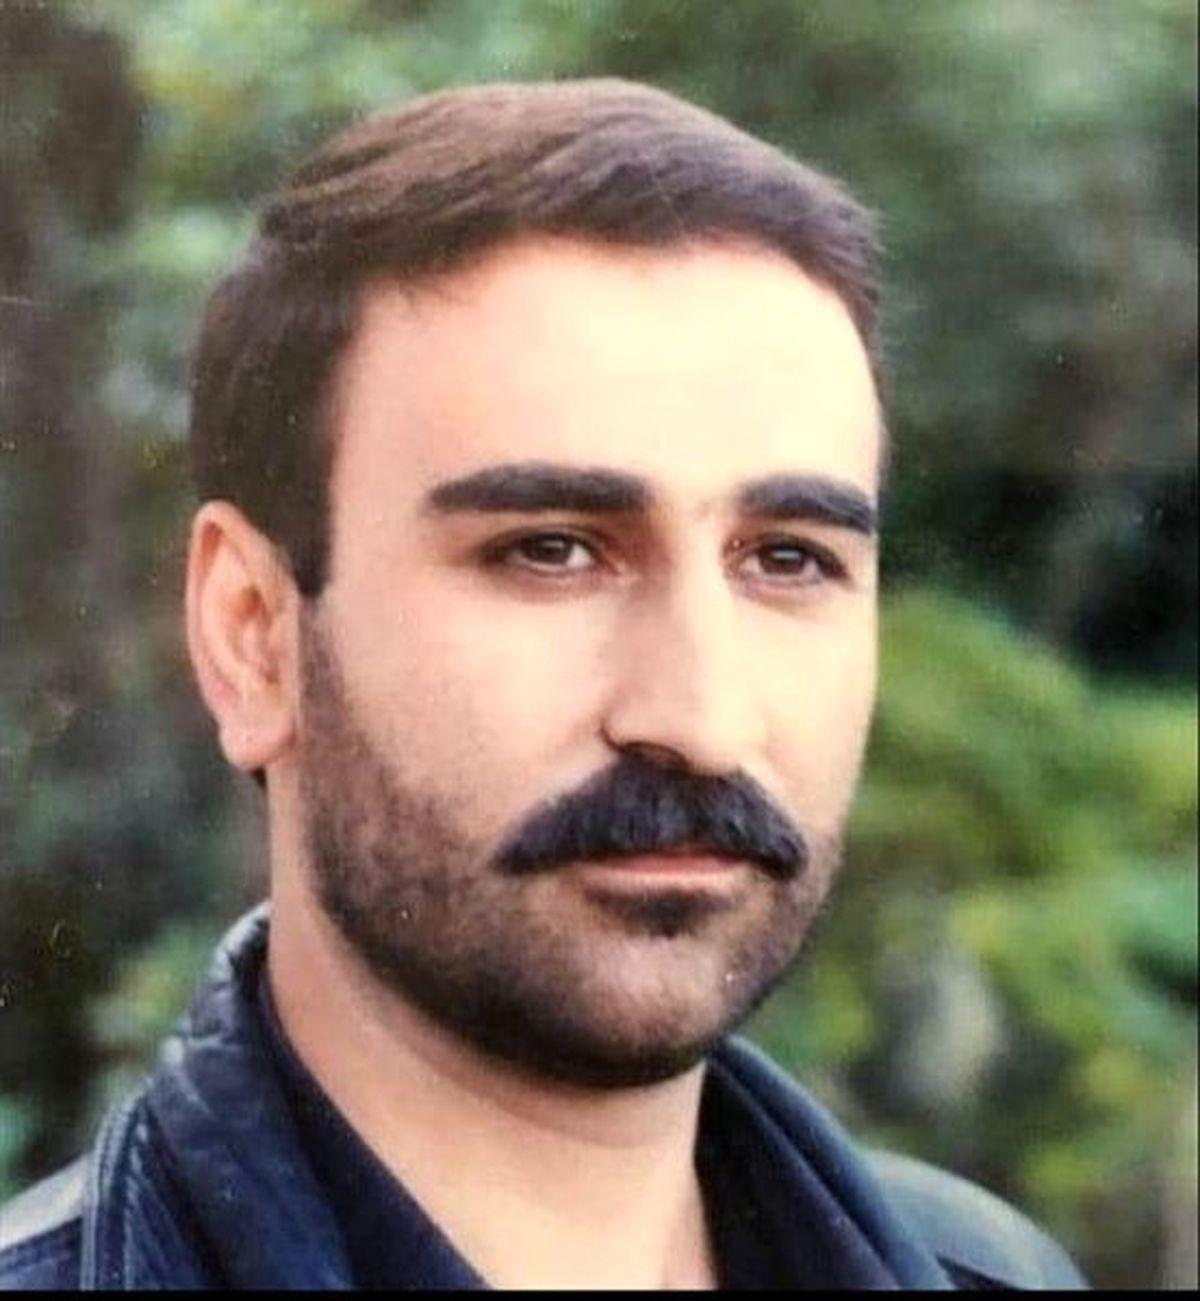 ناراحت شدن مهران احمدی از مردم/ فیلم